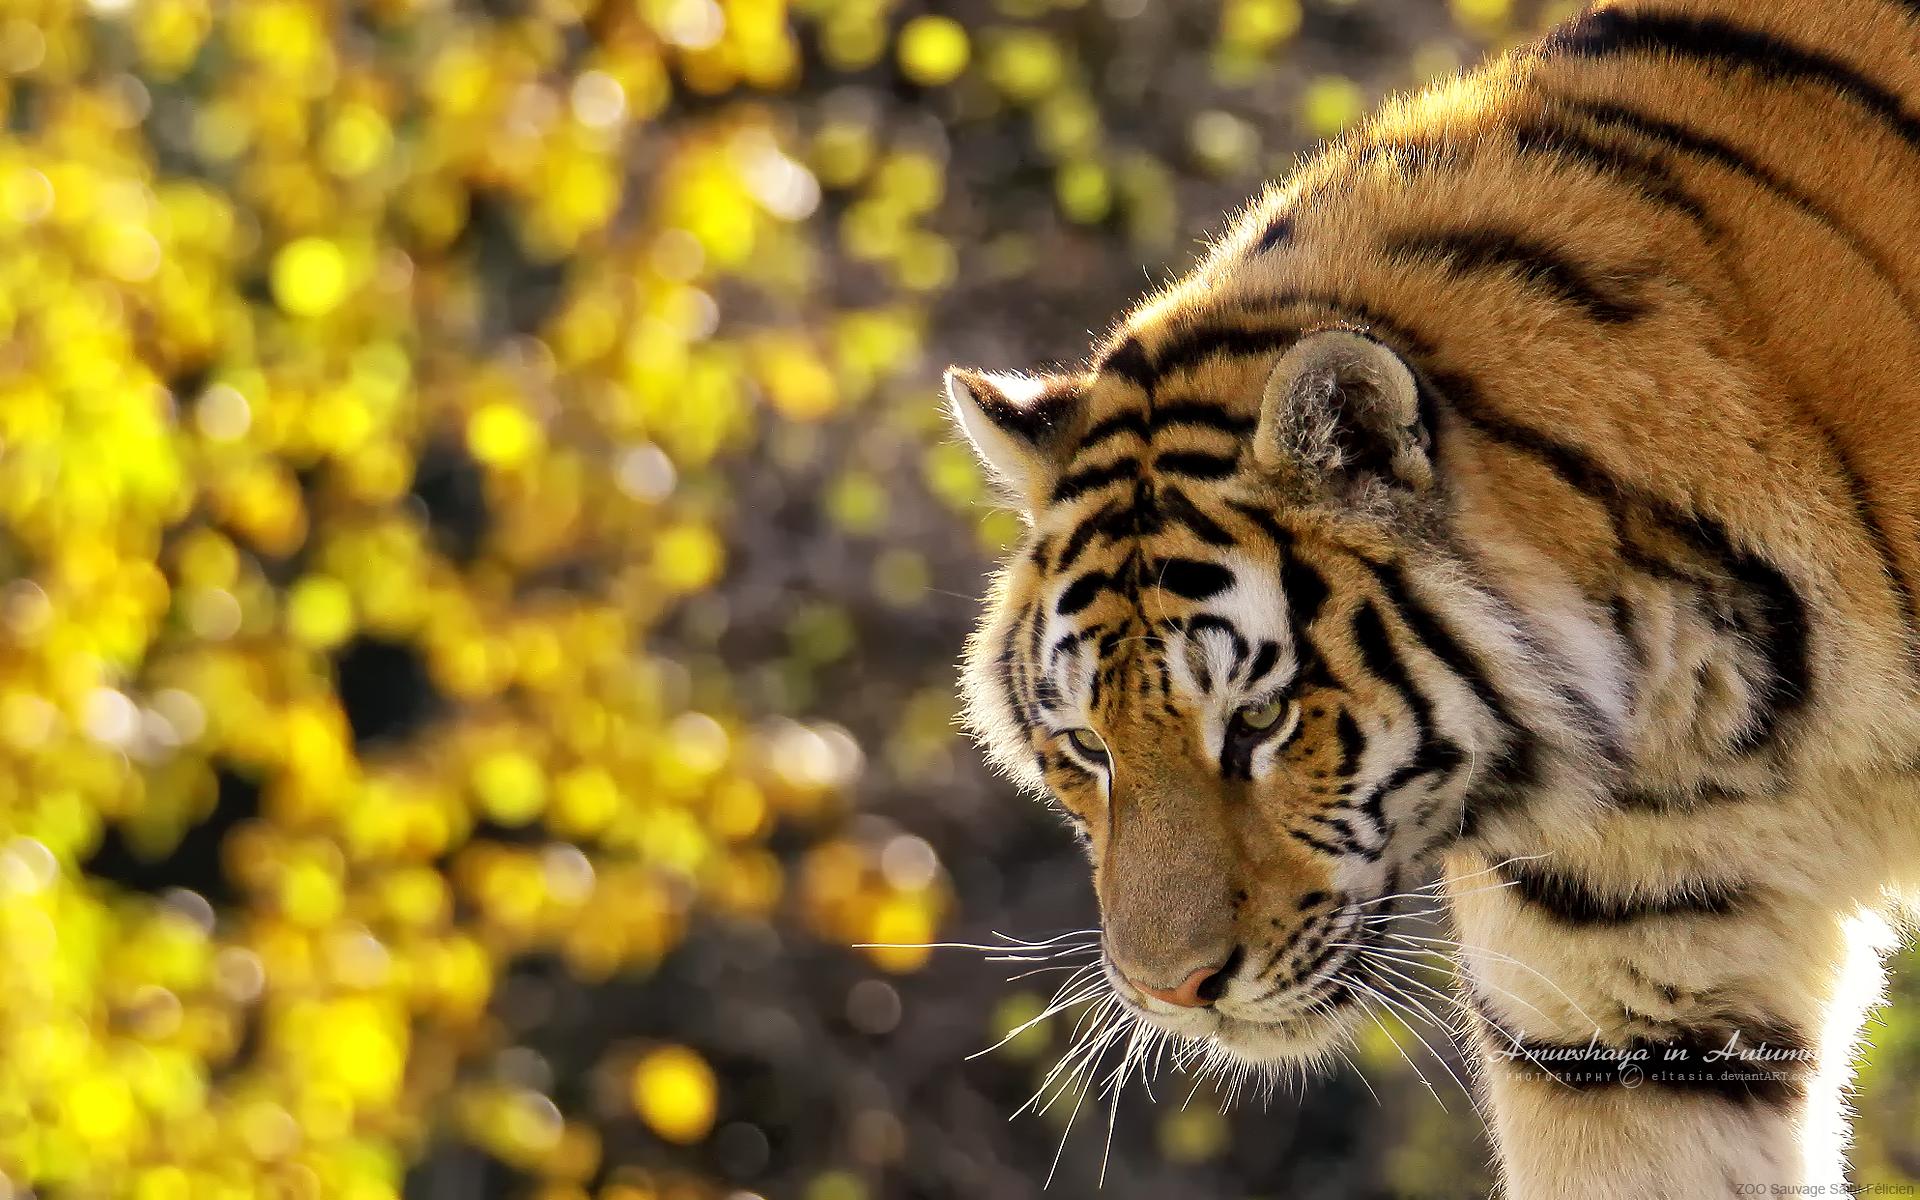 Gorgeous Tiger Wallpaper 40404 1920x1080 px